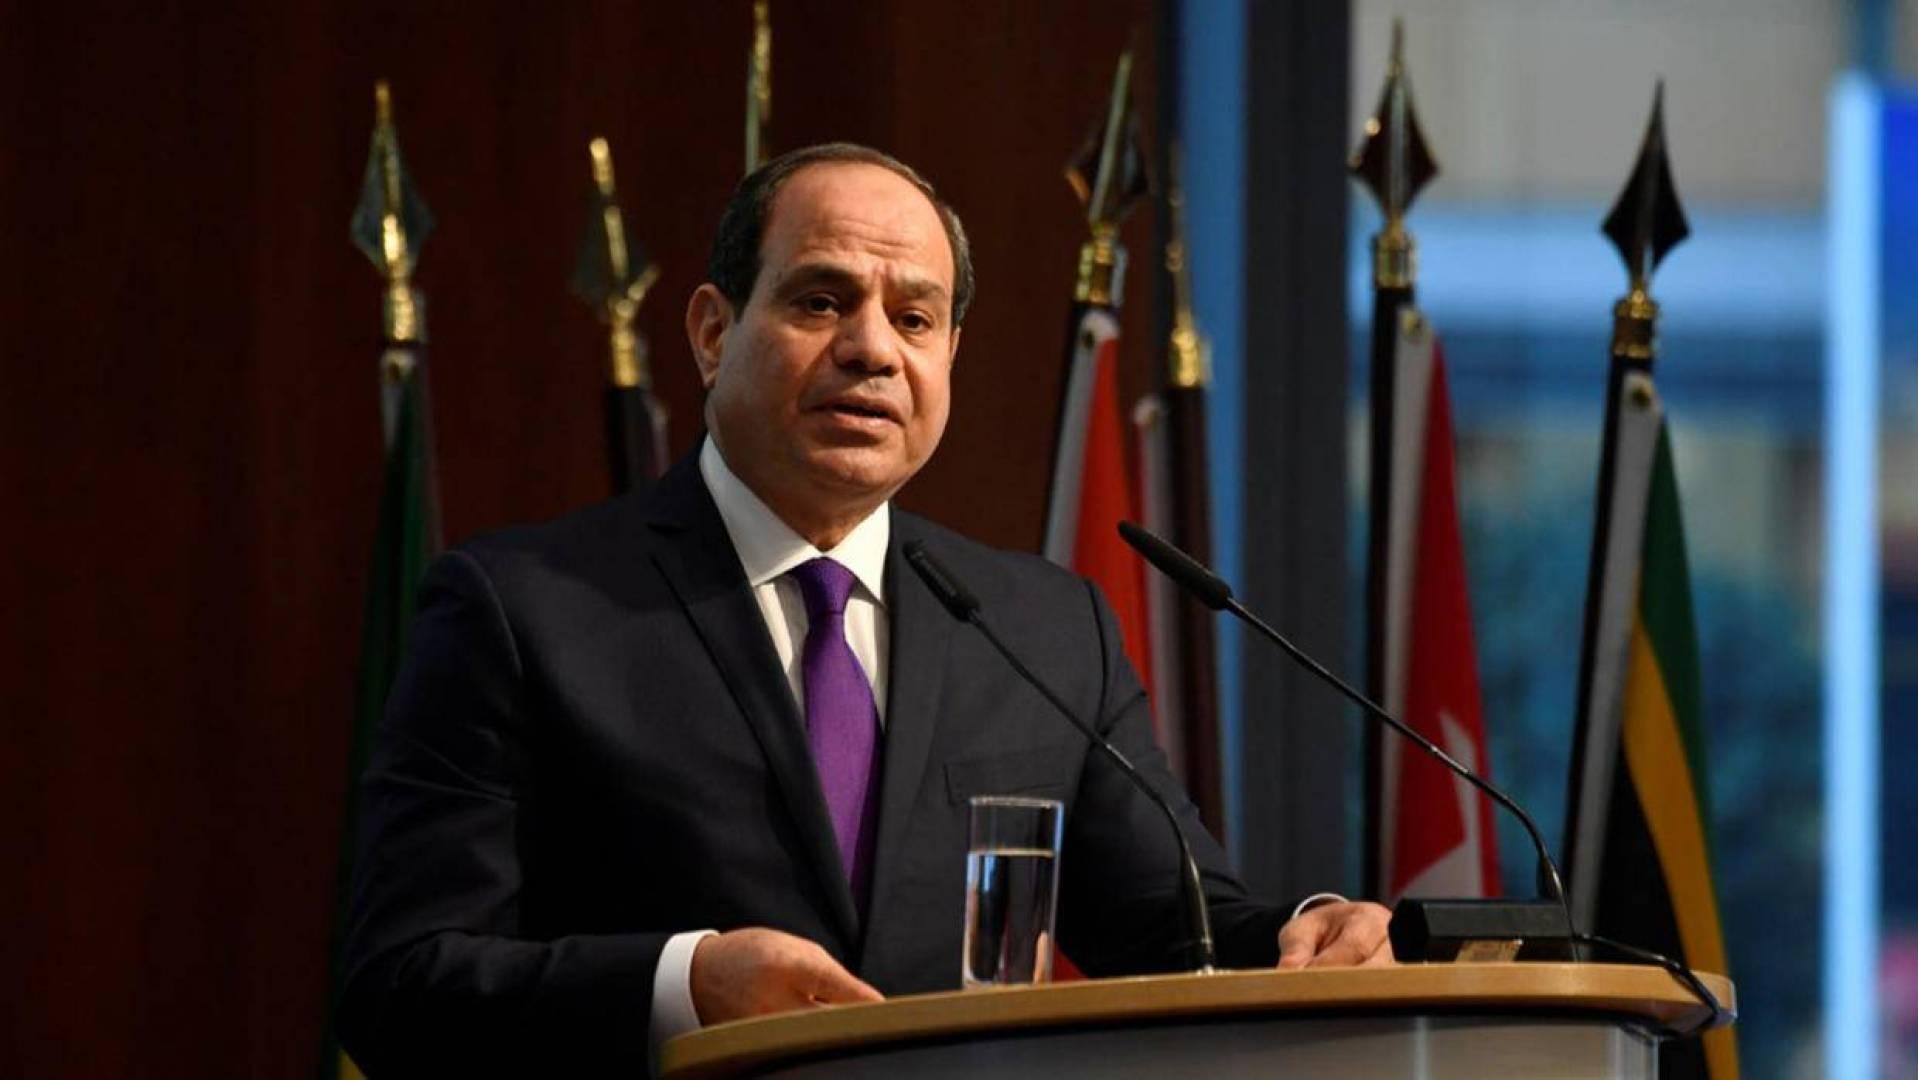 «السيسي» يطالب باستضافة مركز الاتحاد الأفريقي لإعمار ما بعد النزاعات